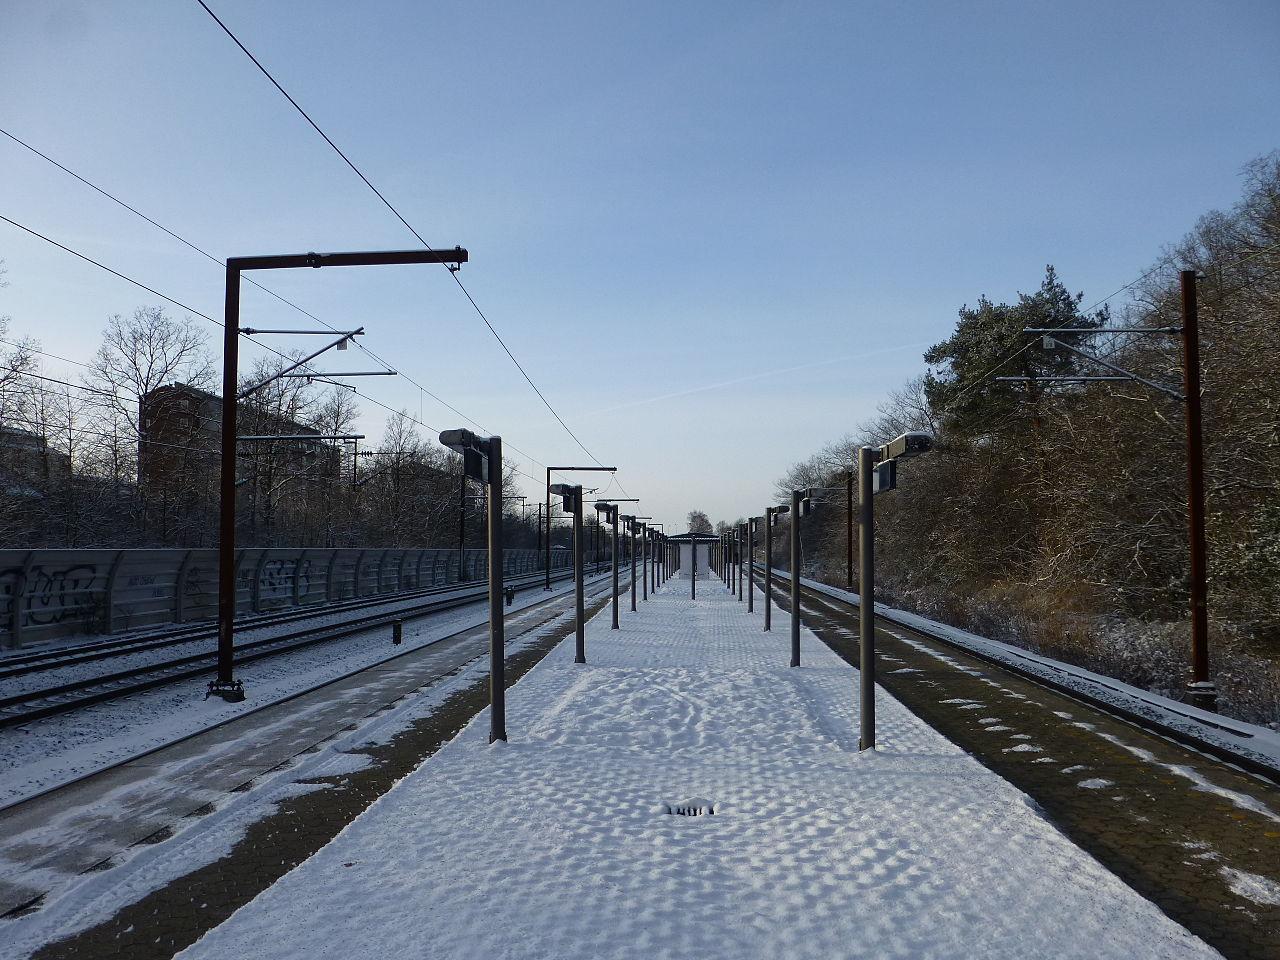 File:Brøndbyøster Station 03.JPG - Wikimedia Commons